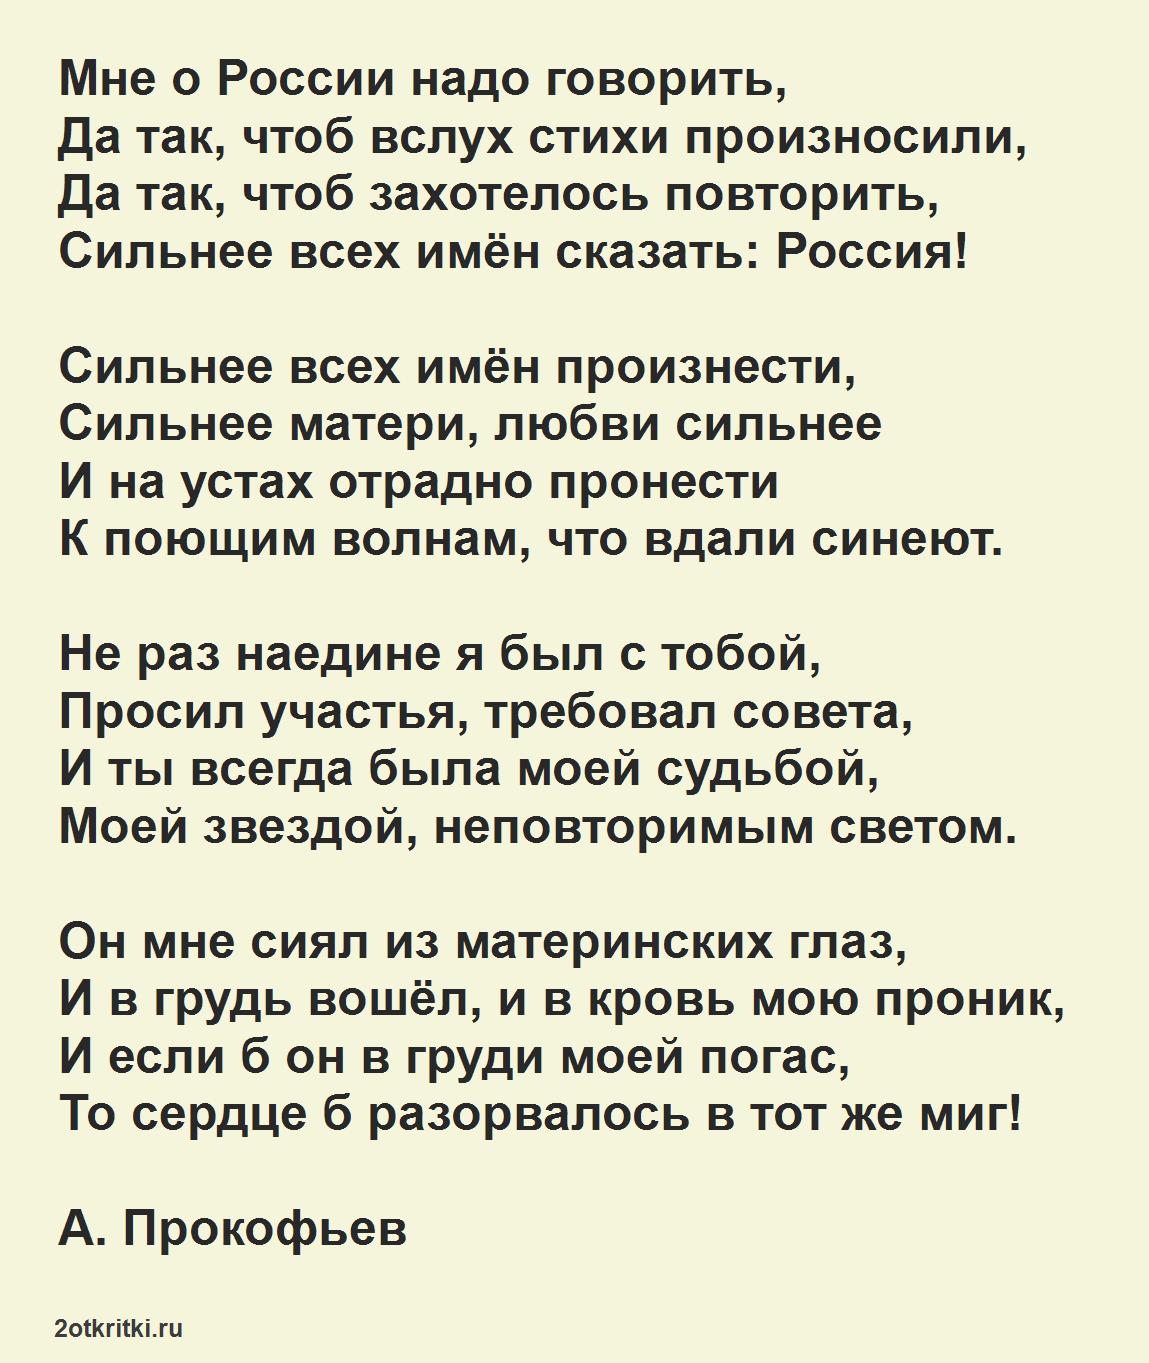 Стихи о дне России - Мне о России надо говорить